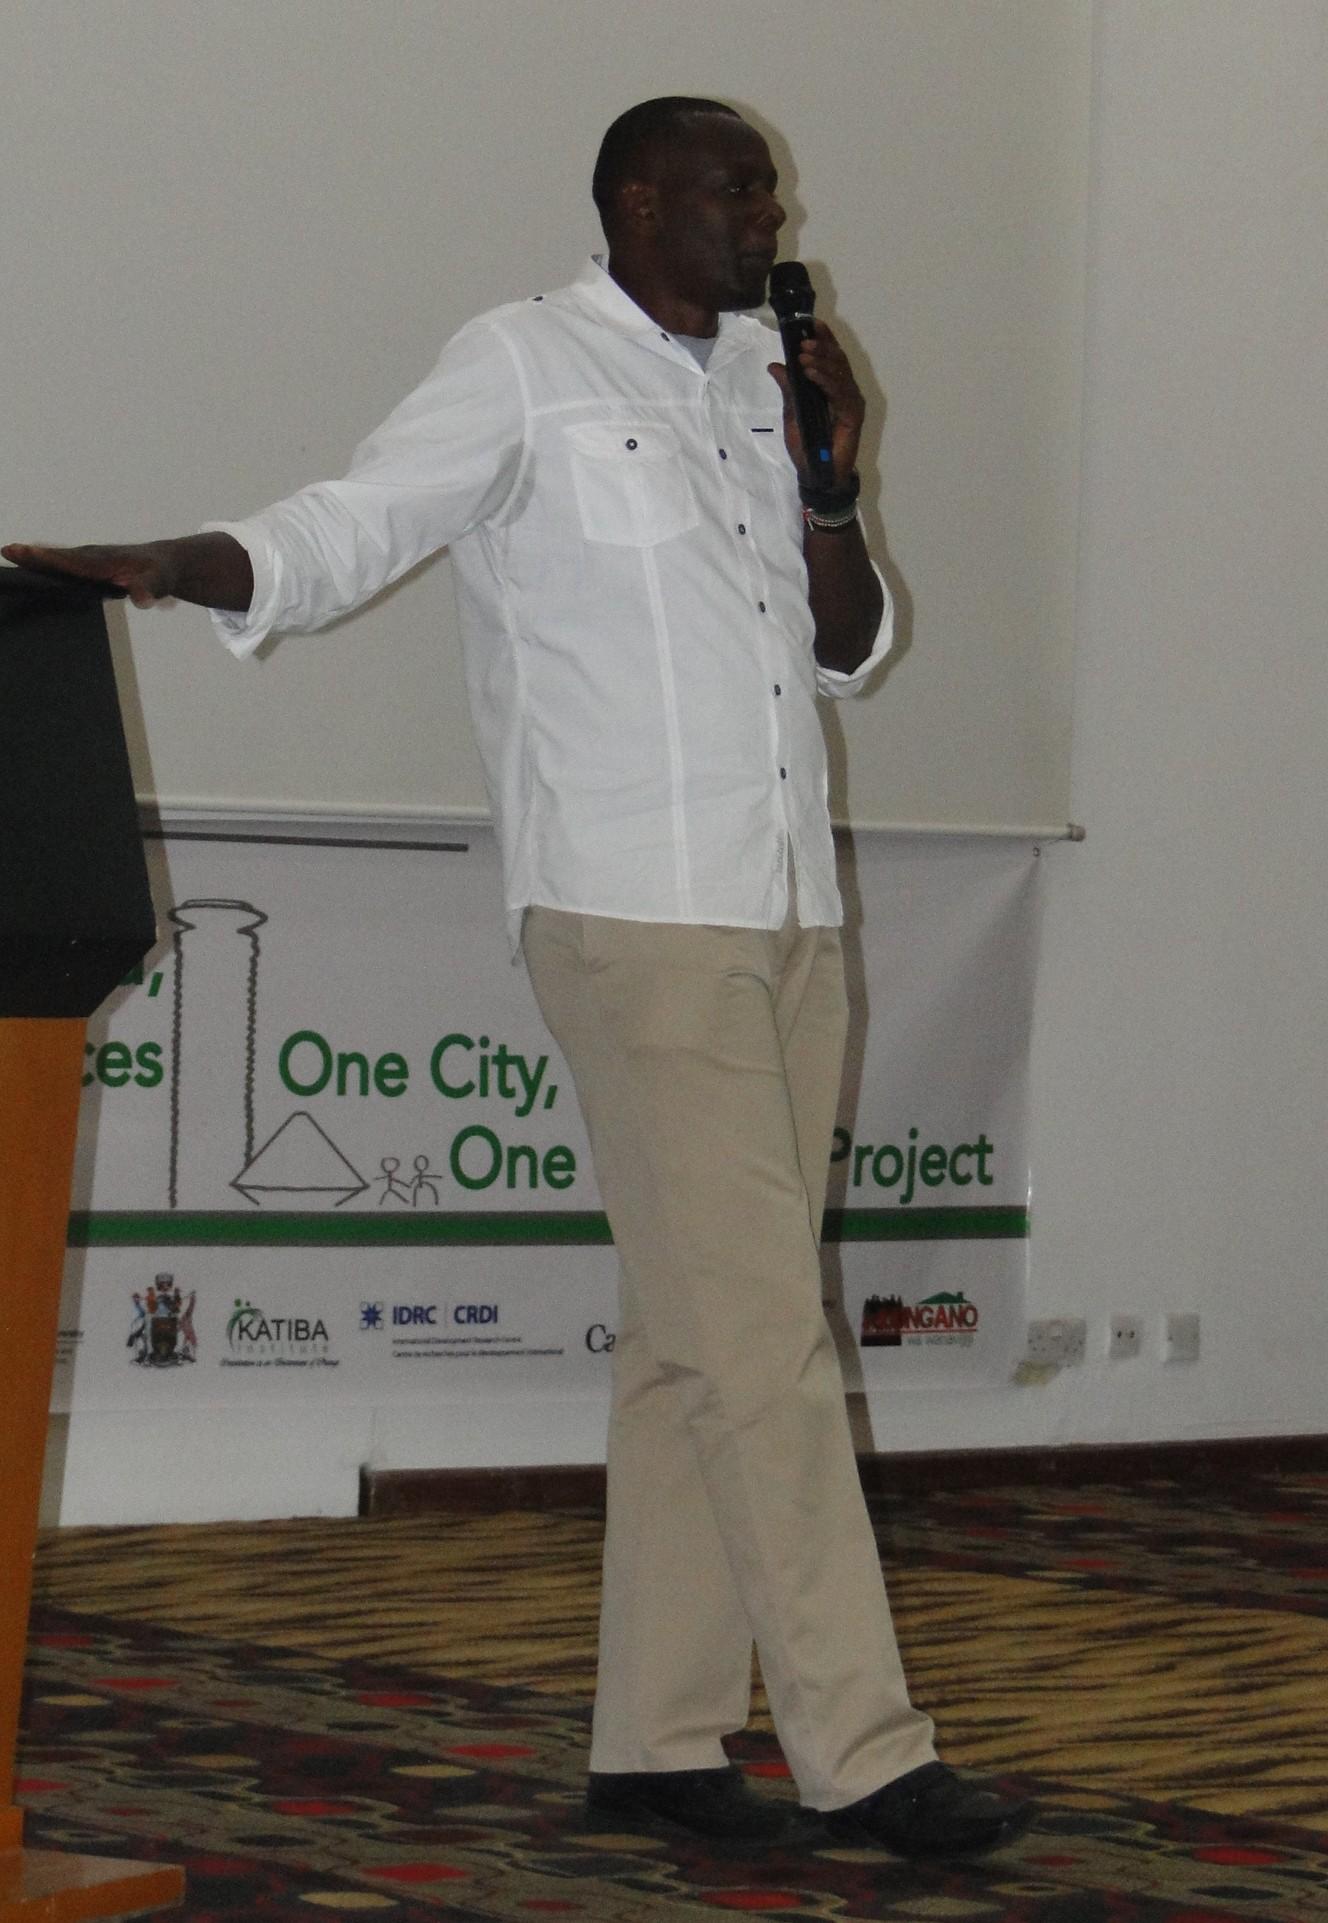 Joseph Muturi of Muungano wa Wanavijiji gives an overview of the project